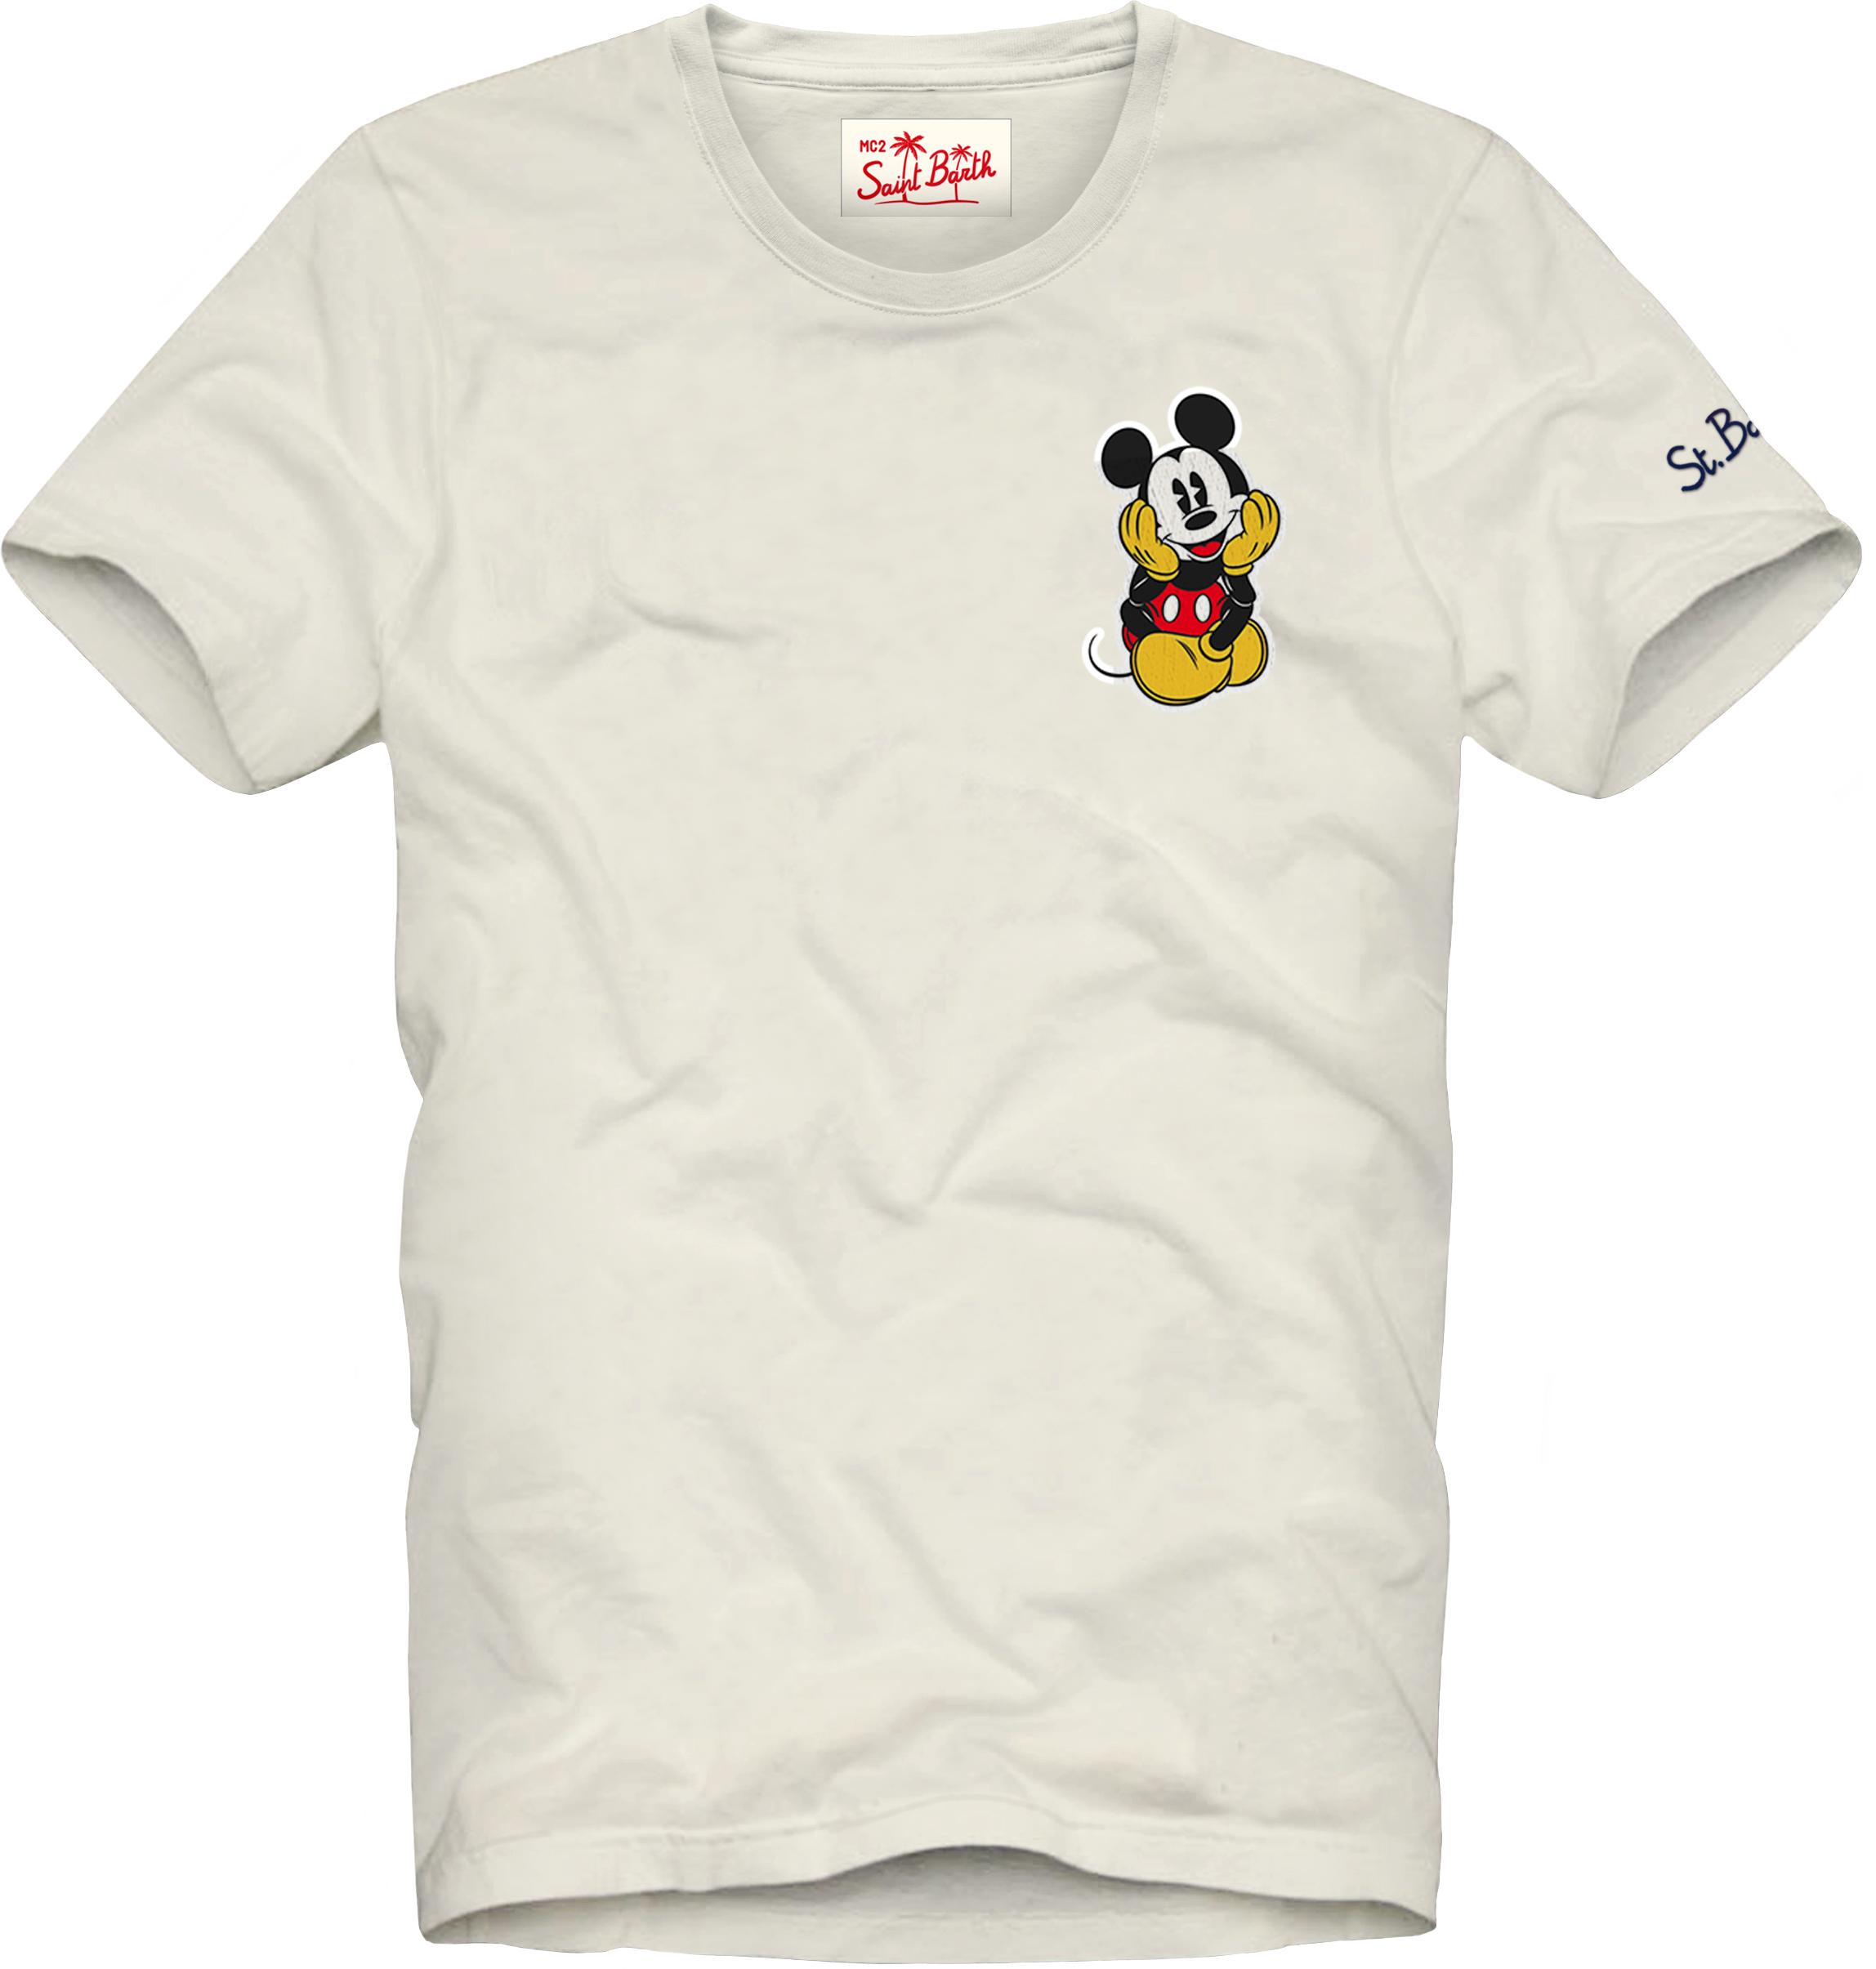 MC2  SAINT BARTH   T- shirt   JACK001PWMK11